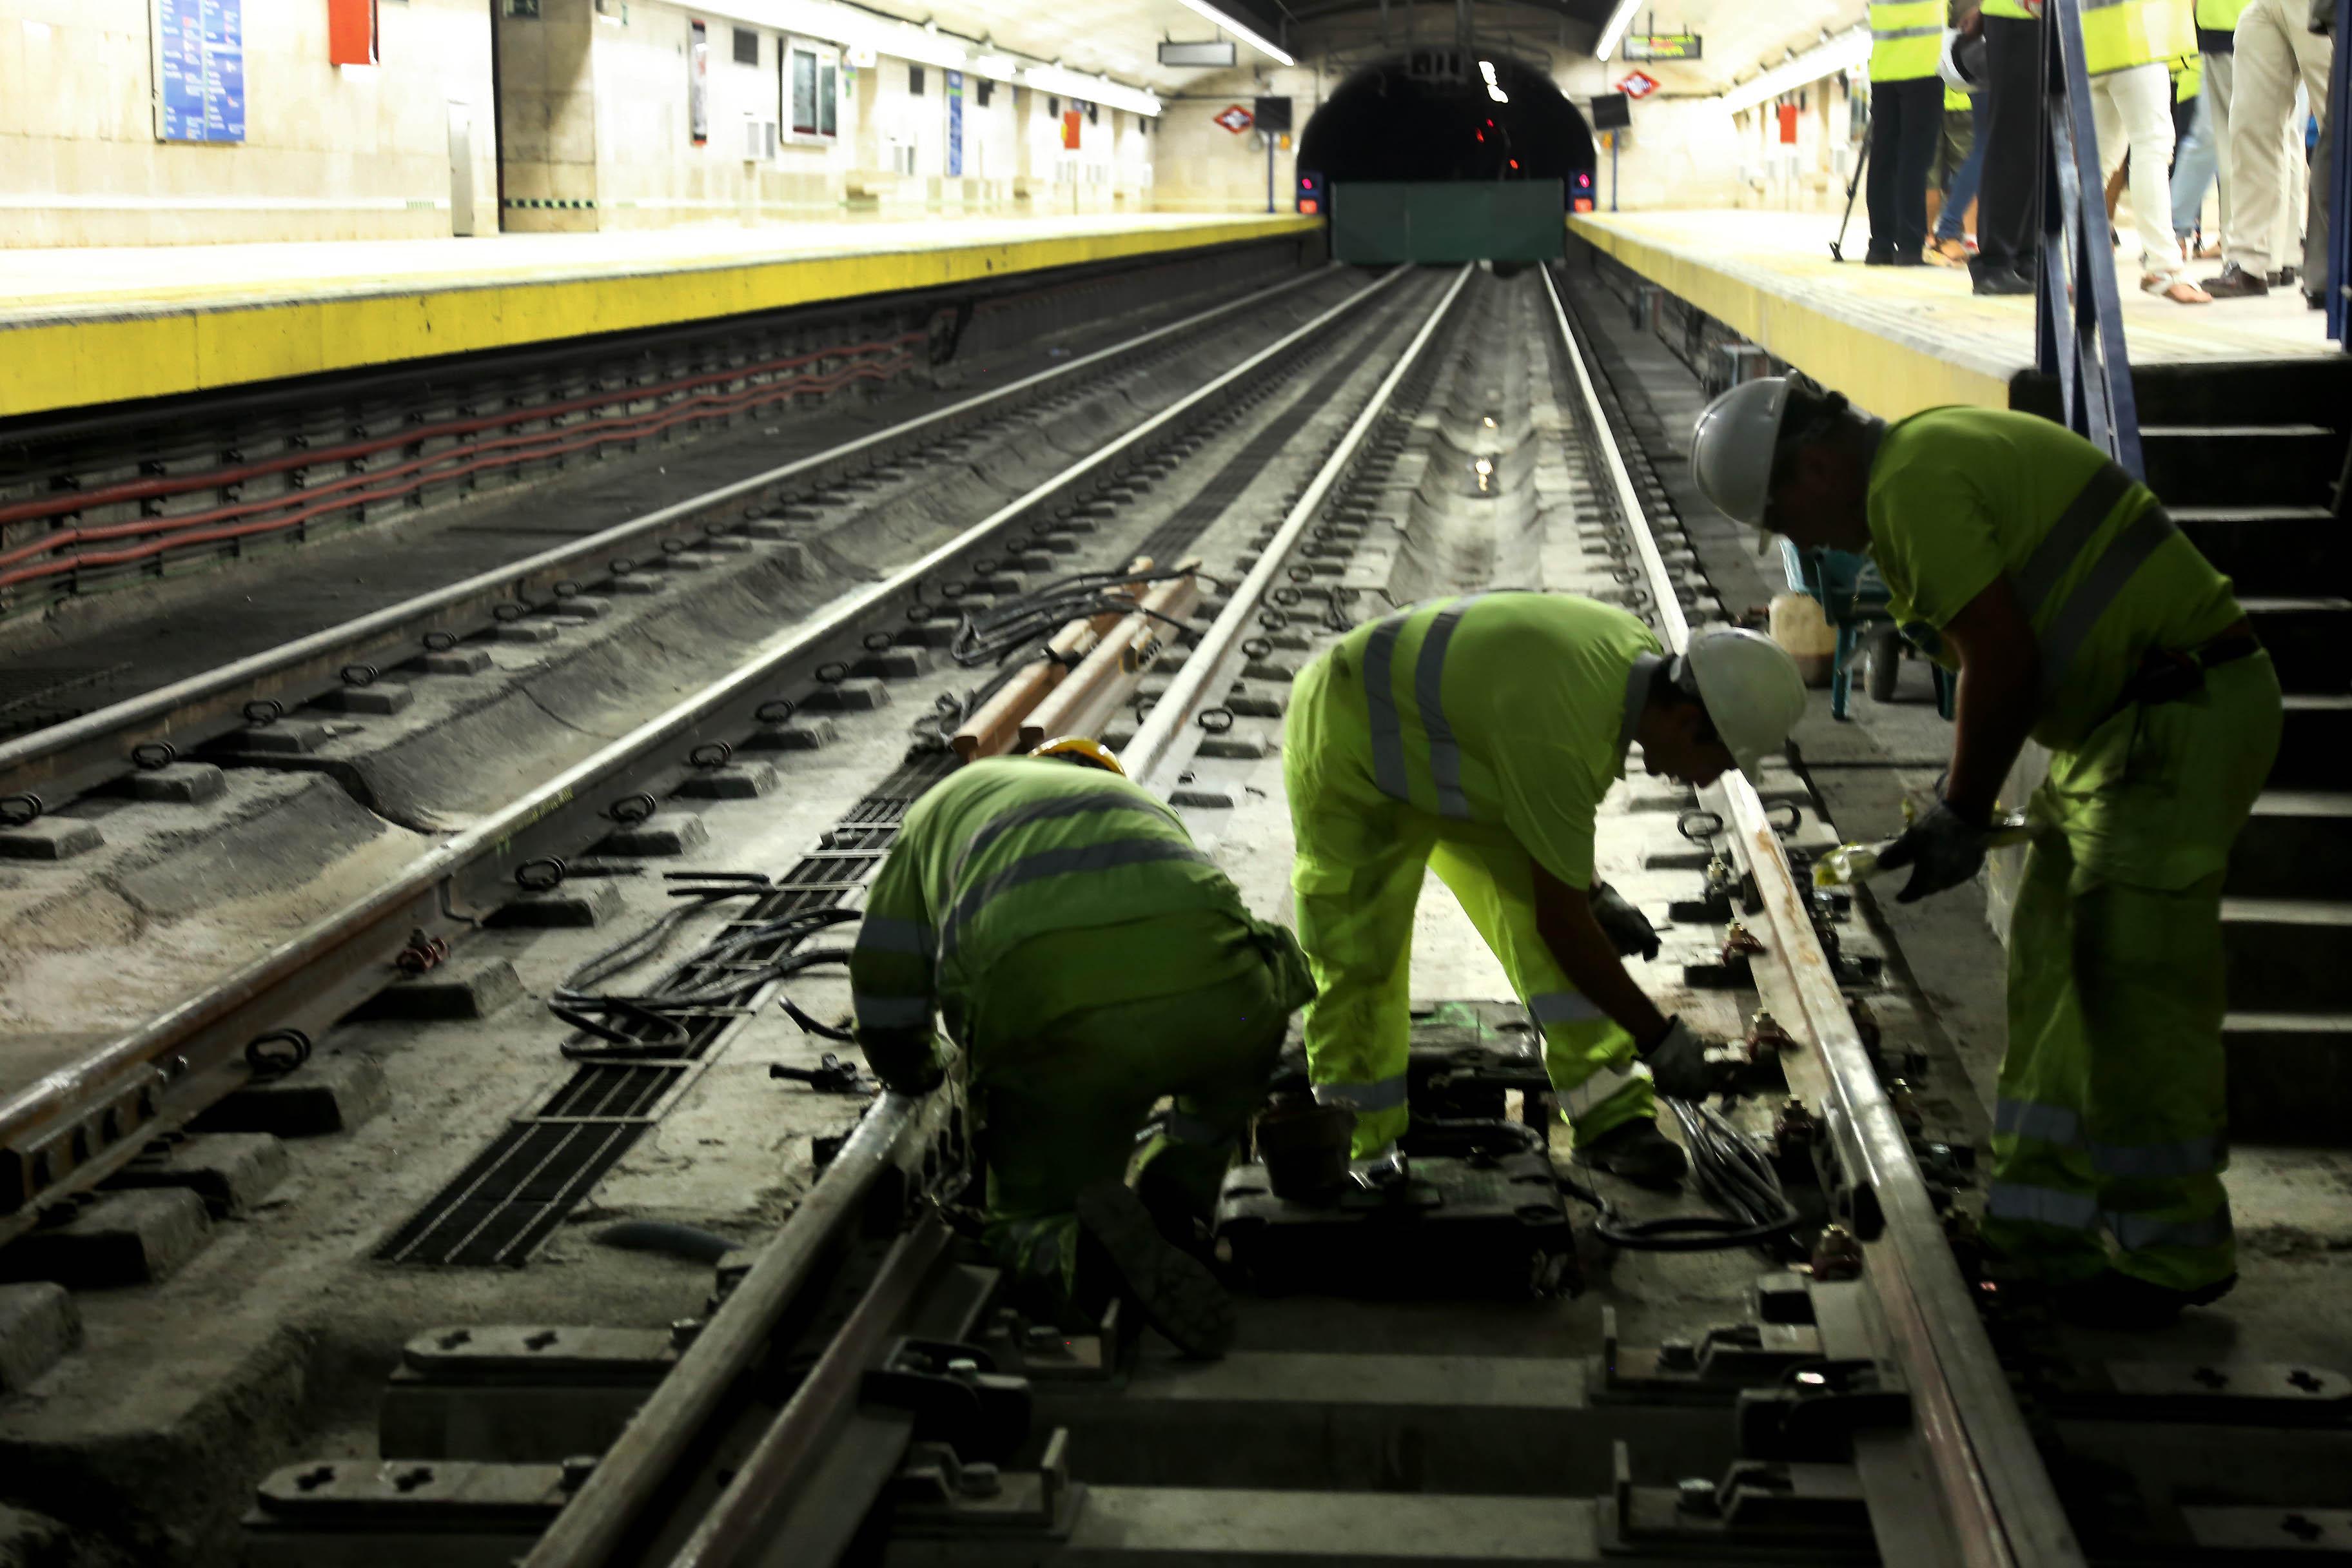 Metro y Metro Ligero de Madrid - Página 4 Satellite?blobcol=urldata&blobheader=image%2Fjpg&blobheadername1=Content-Disposition&blobheadervalue1=filename%3Dmetro+06